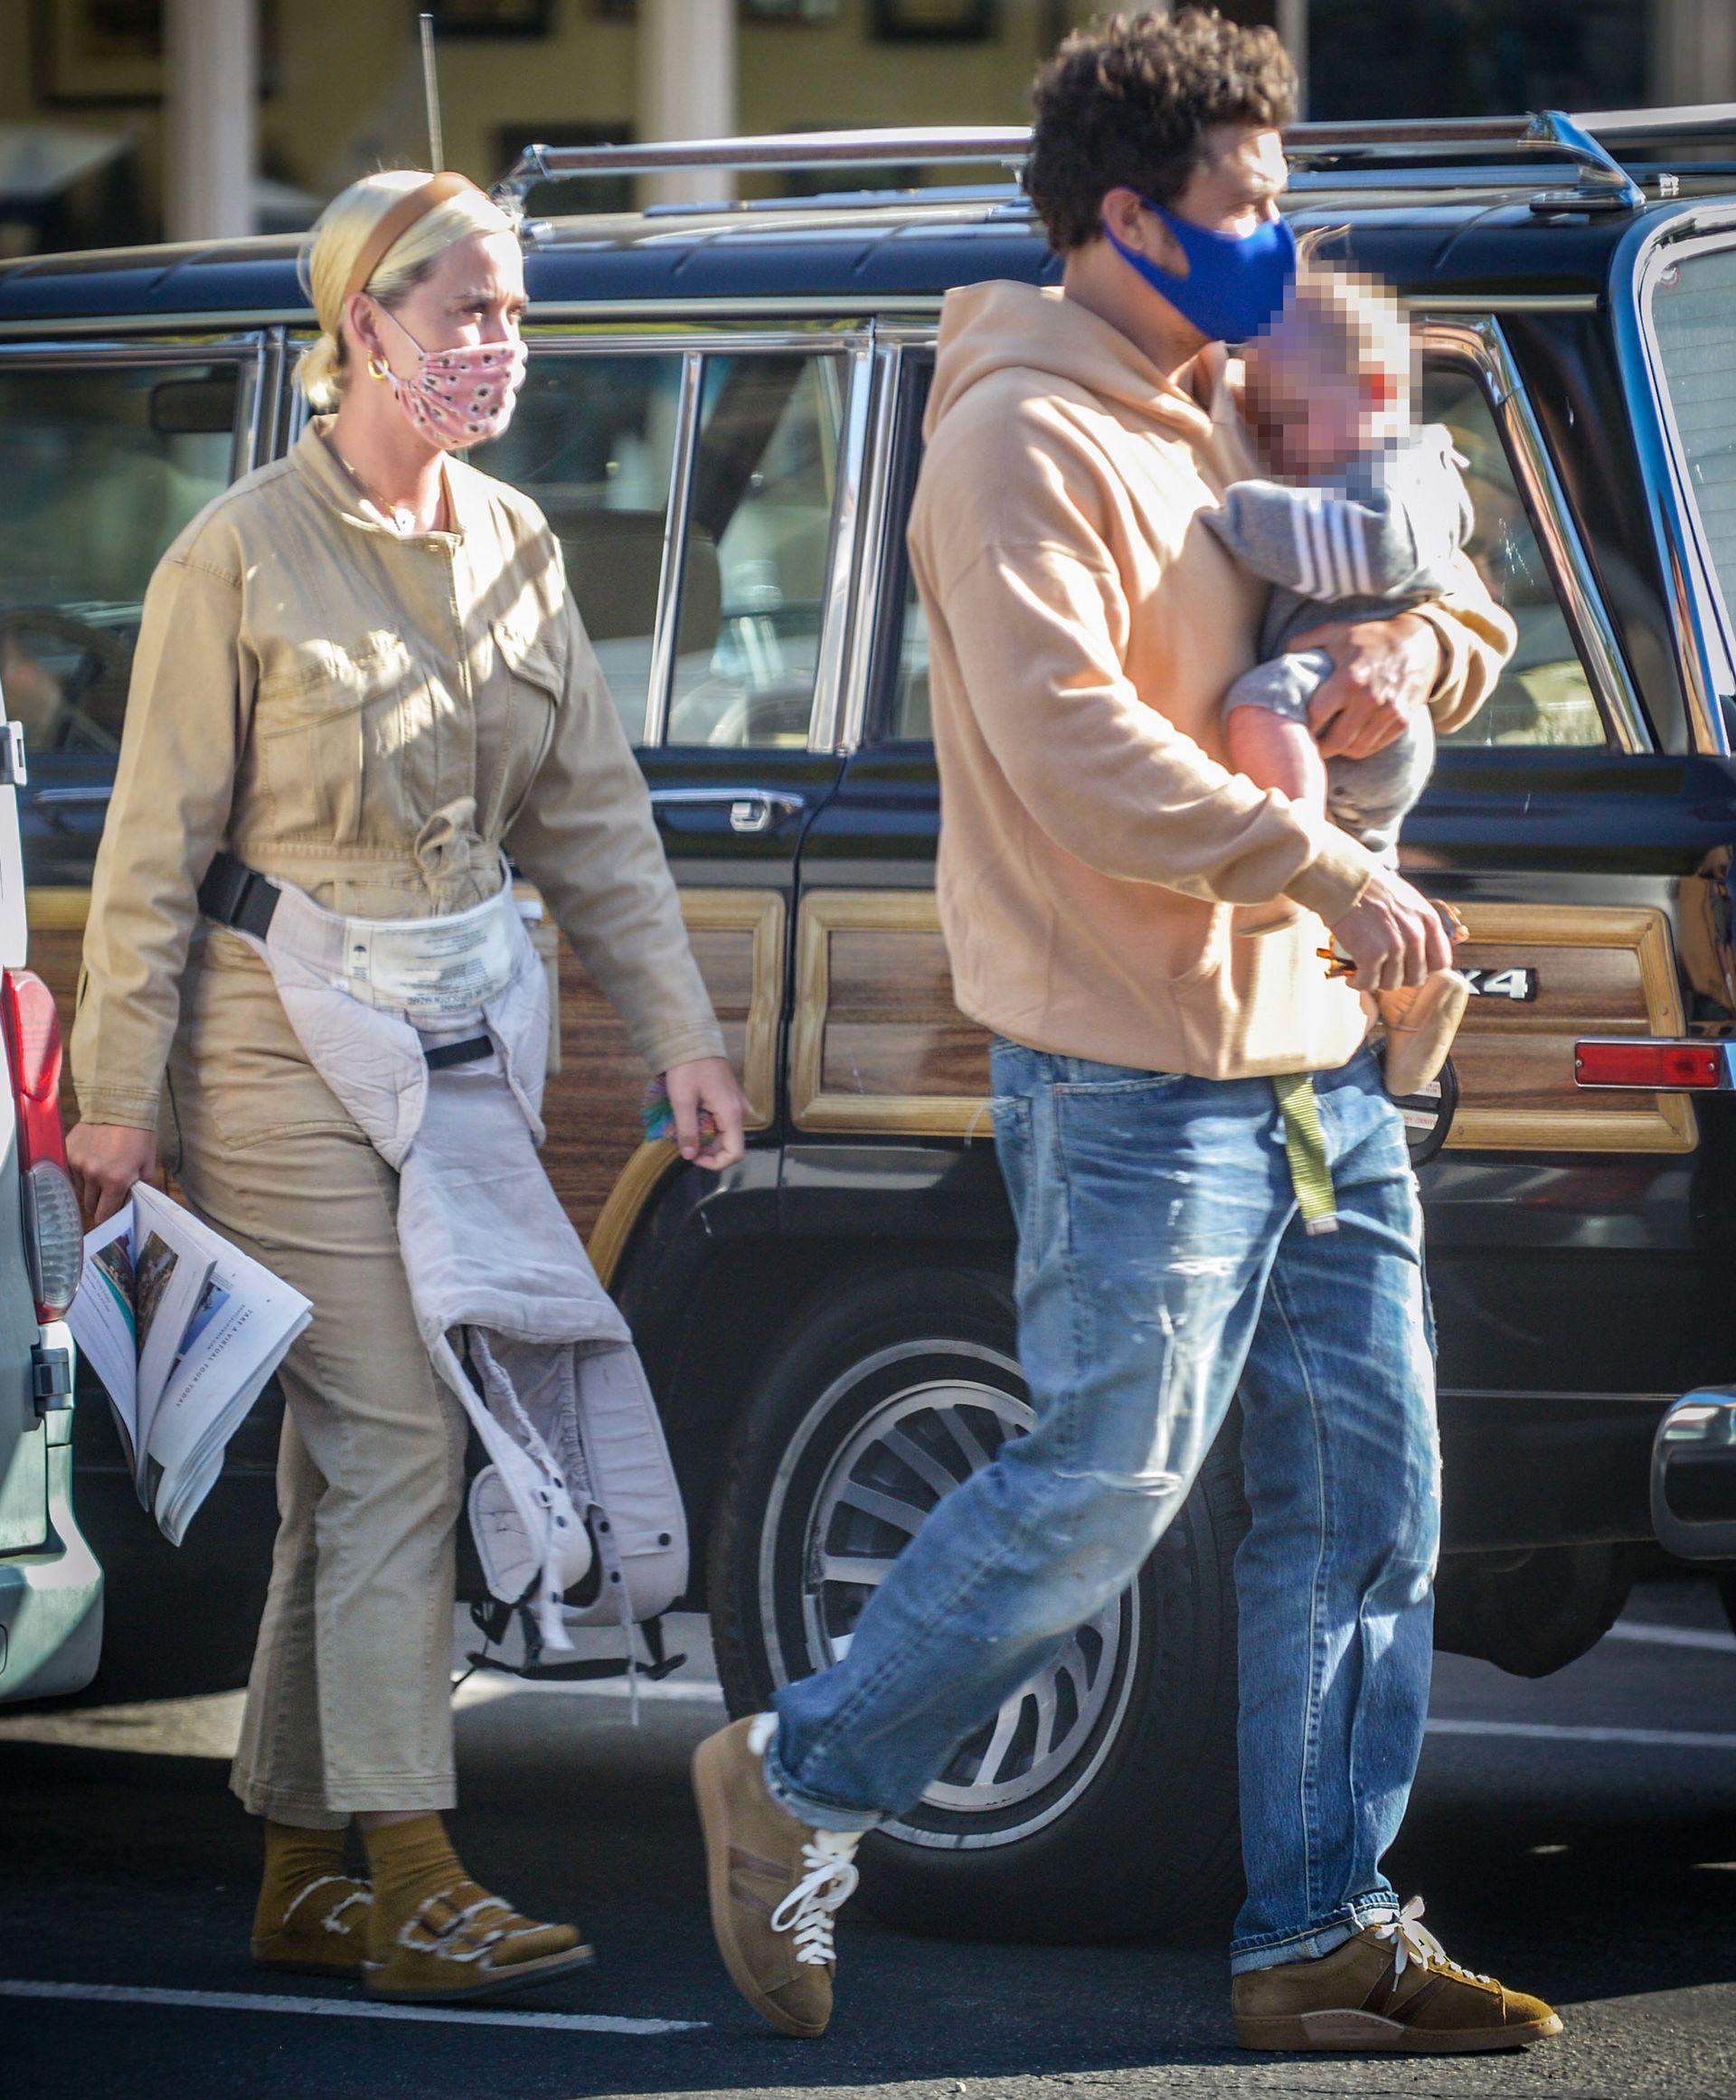 En Santa Barbara, Katy Perry celebró su primer día de la madre junto a su pareja, Orlando Bloom, y la hija de ambos, Daisy Dove Bloom. En una fecha tan especial, el actor dedicó a la cantante un emotivo mensaje a través de las redes sociales